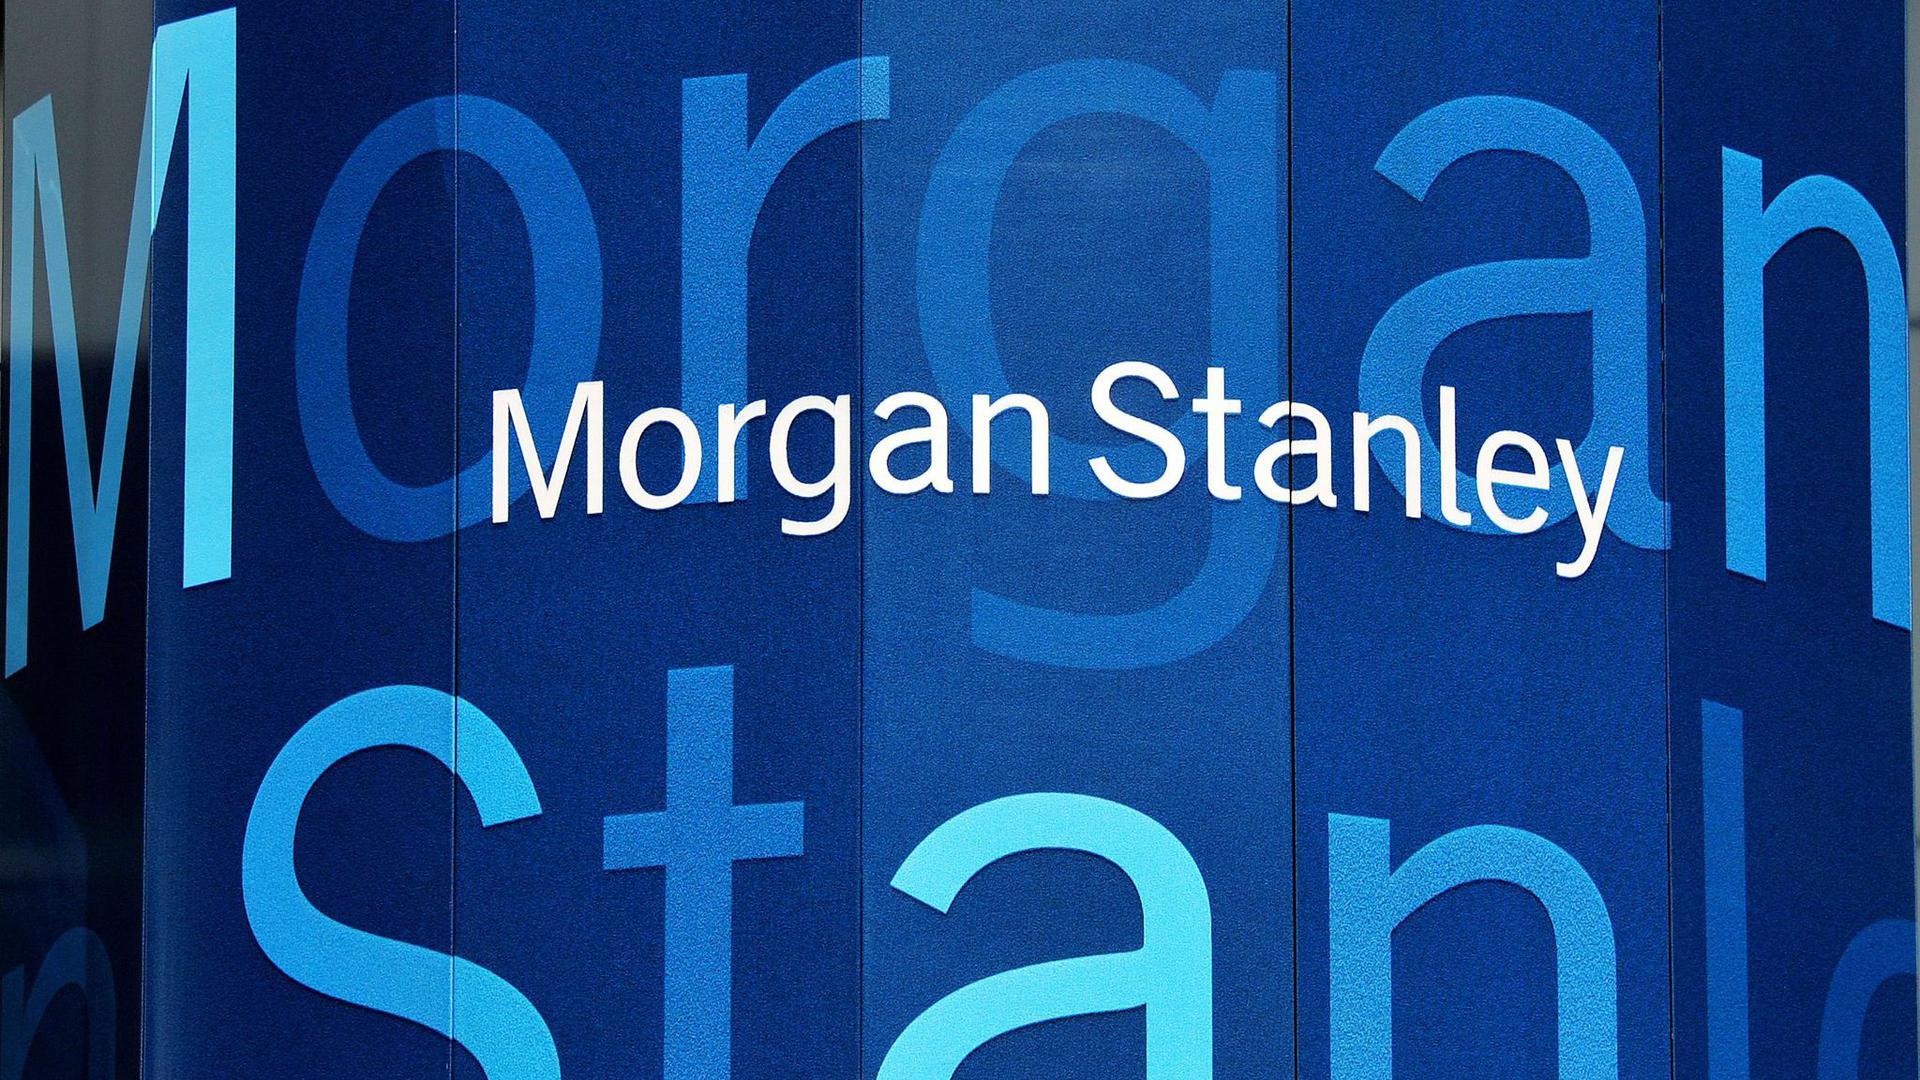 Das Geldhaus Morgan Stanley konnte seinen Profit steigern.